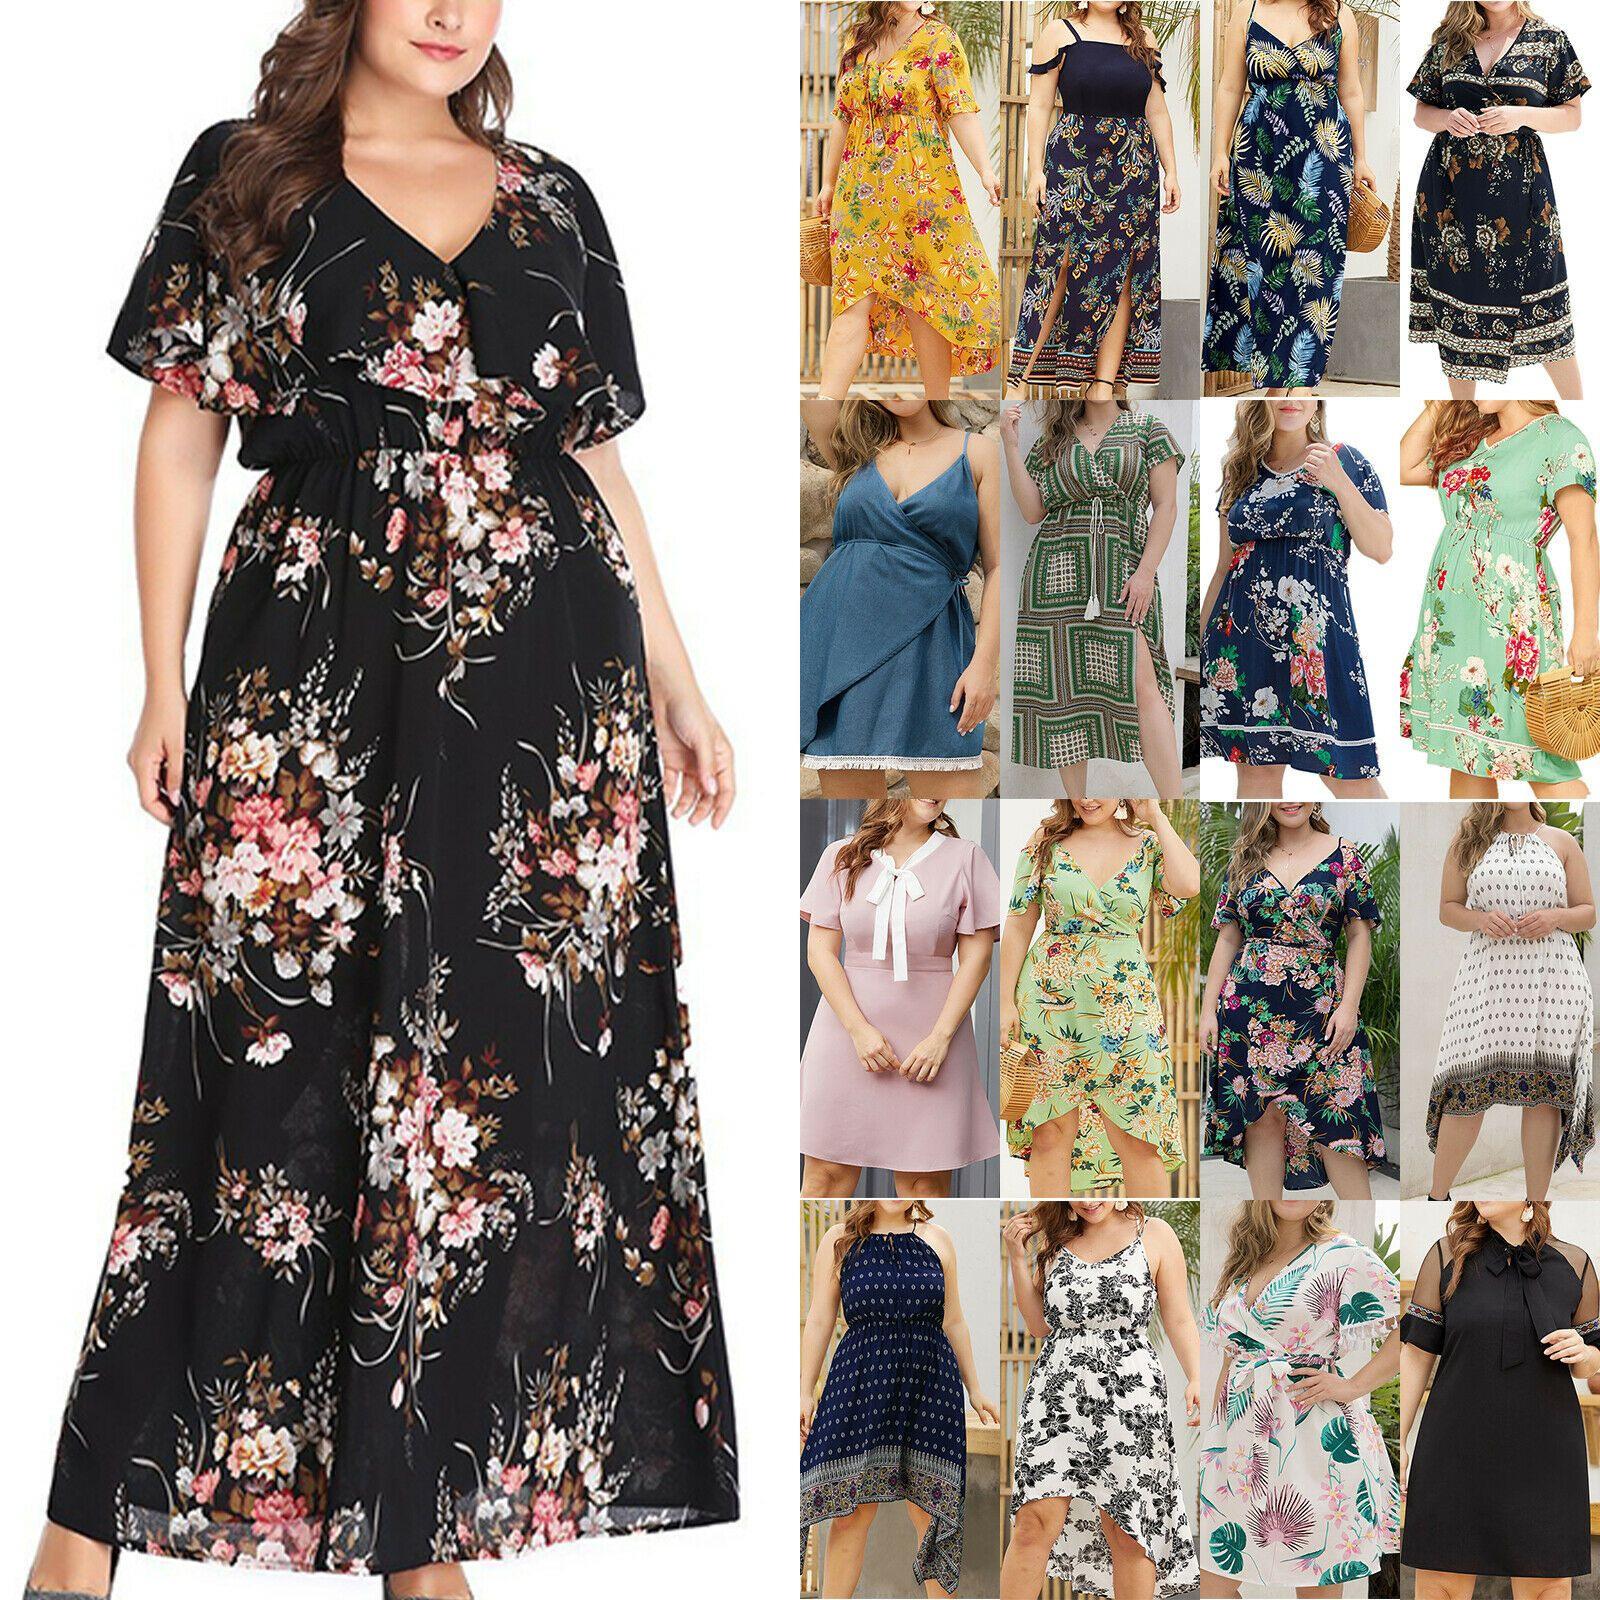 Leicht Sommerkleider Spezialgebiet15 Coolste Sommerkleider Vertrieb